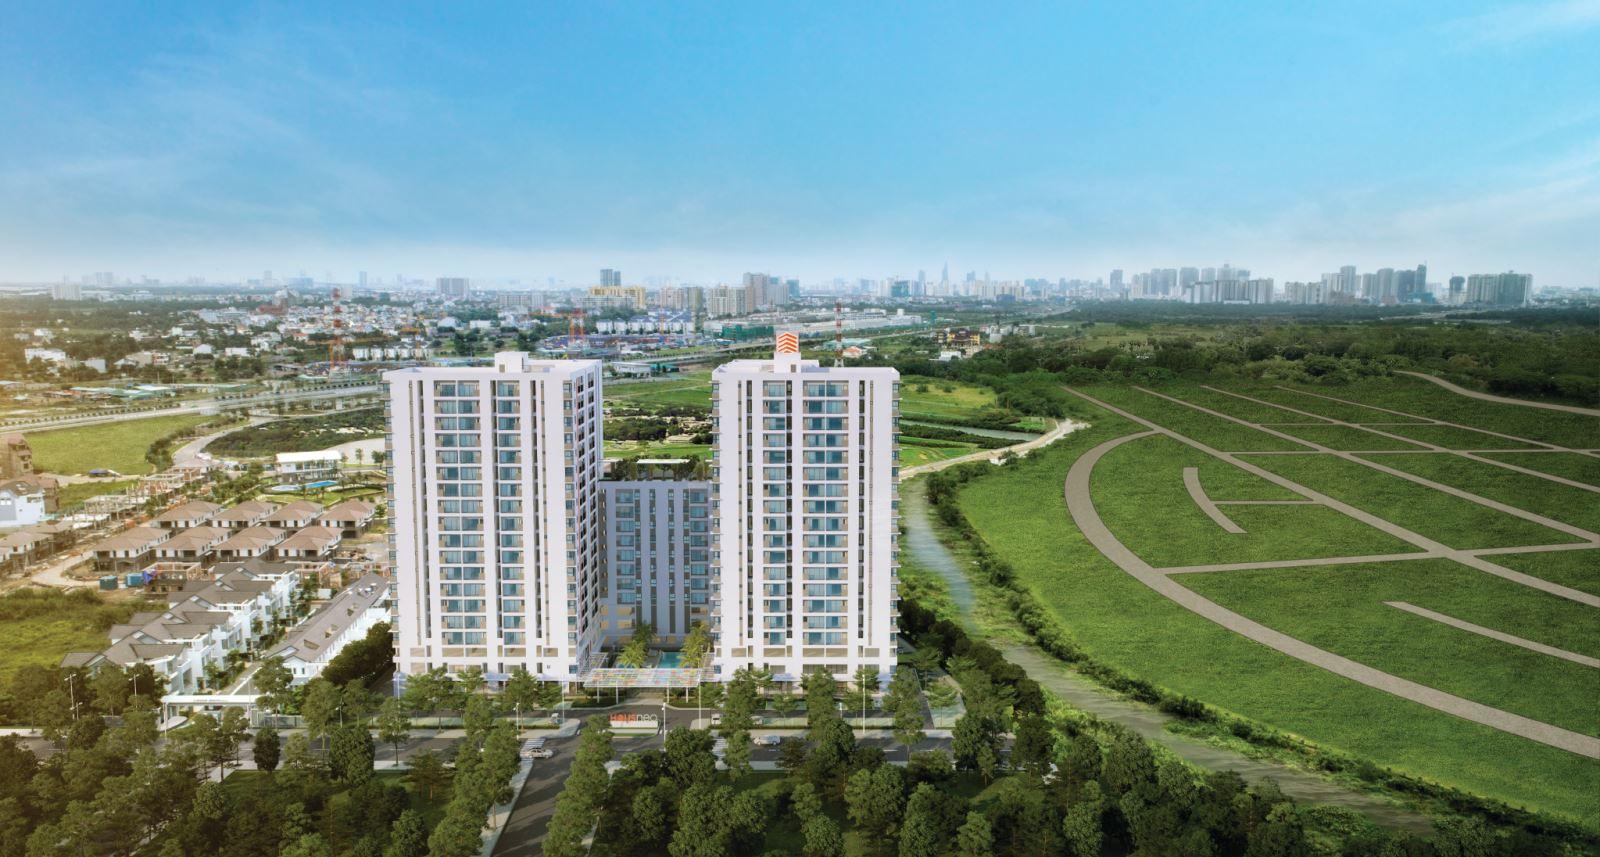 Dự án căn hộ chung cư Hausbelo quận 9, đường Võ Chí Công, Phú Hữu, Quận 9